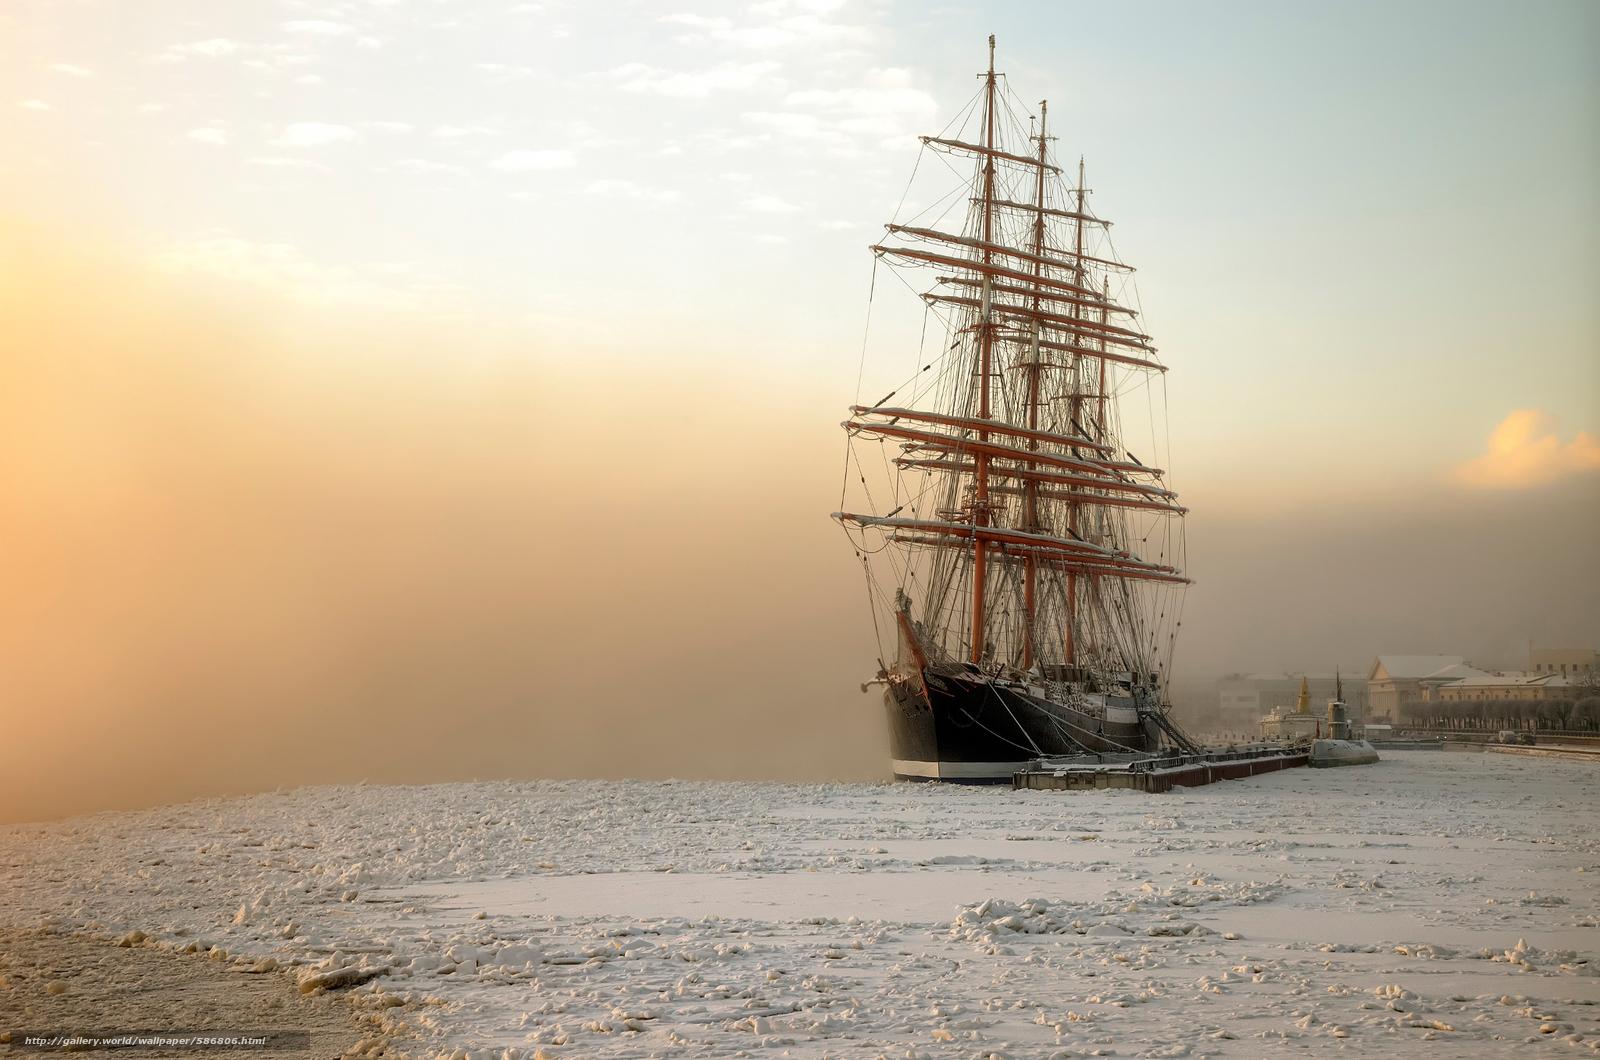 Скачать обои январь,  мороз,  Санкт-Петербург,  барк Седов бесплатно для рабочего стола в разрешении 2048x1357 — картинка №586806